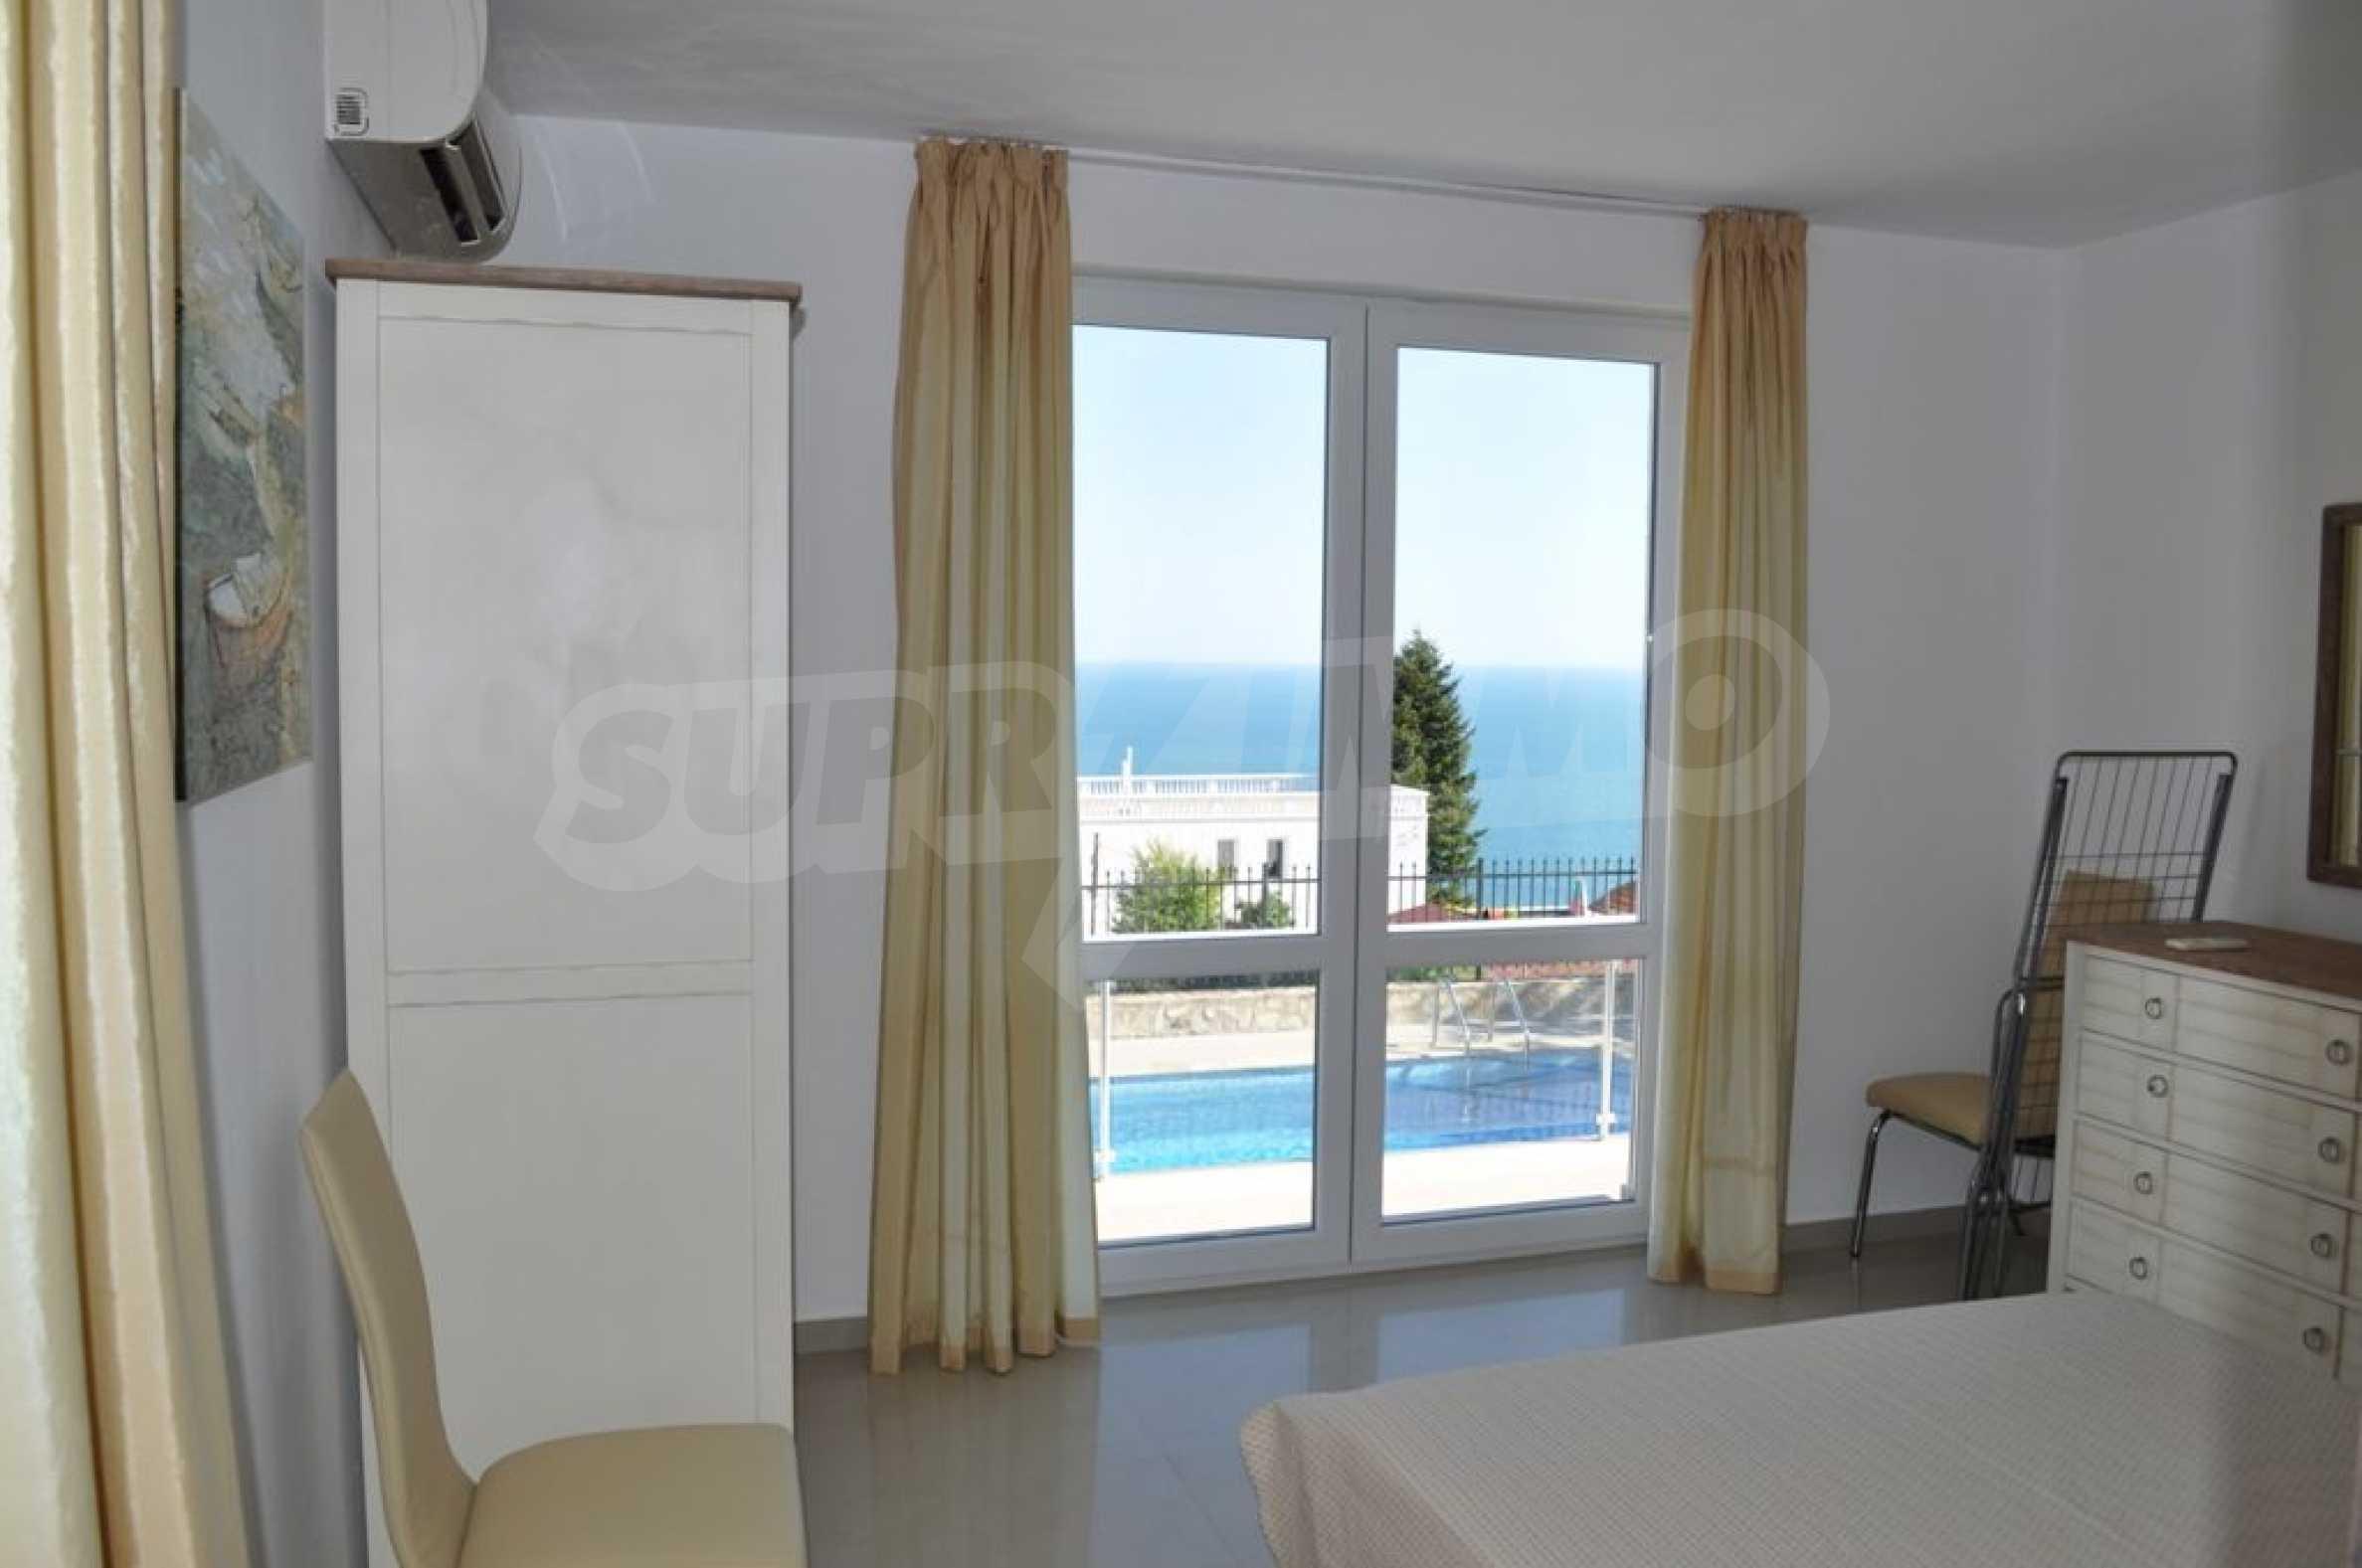 Luxusvilla mit 4 Schlafzimmern zu vermieten in der Nähe des Resorts. Albena 13